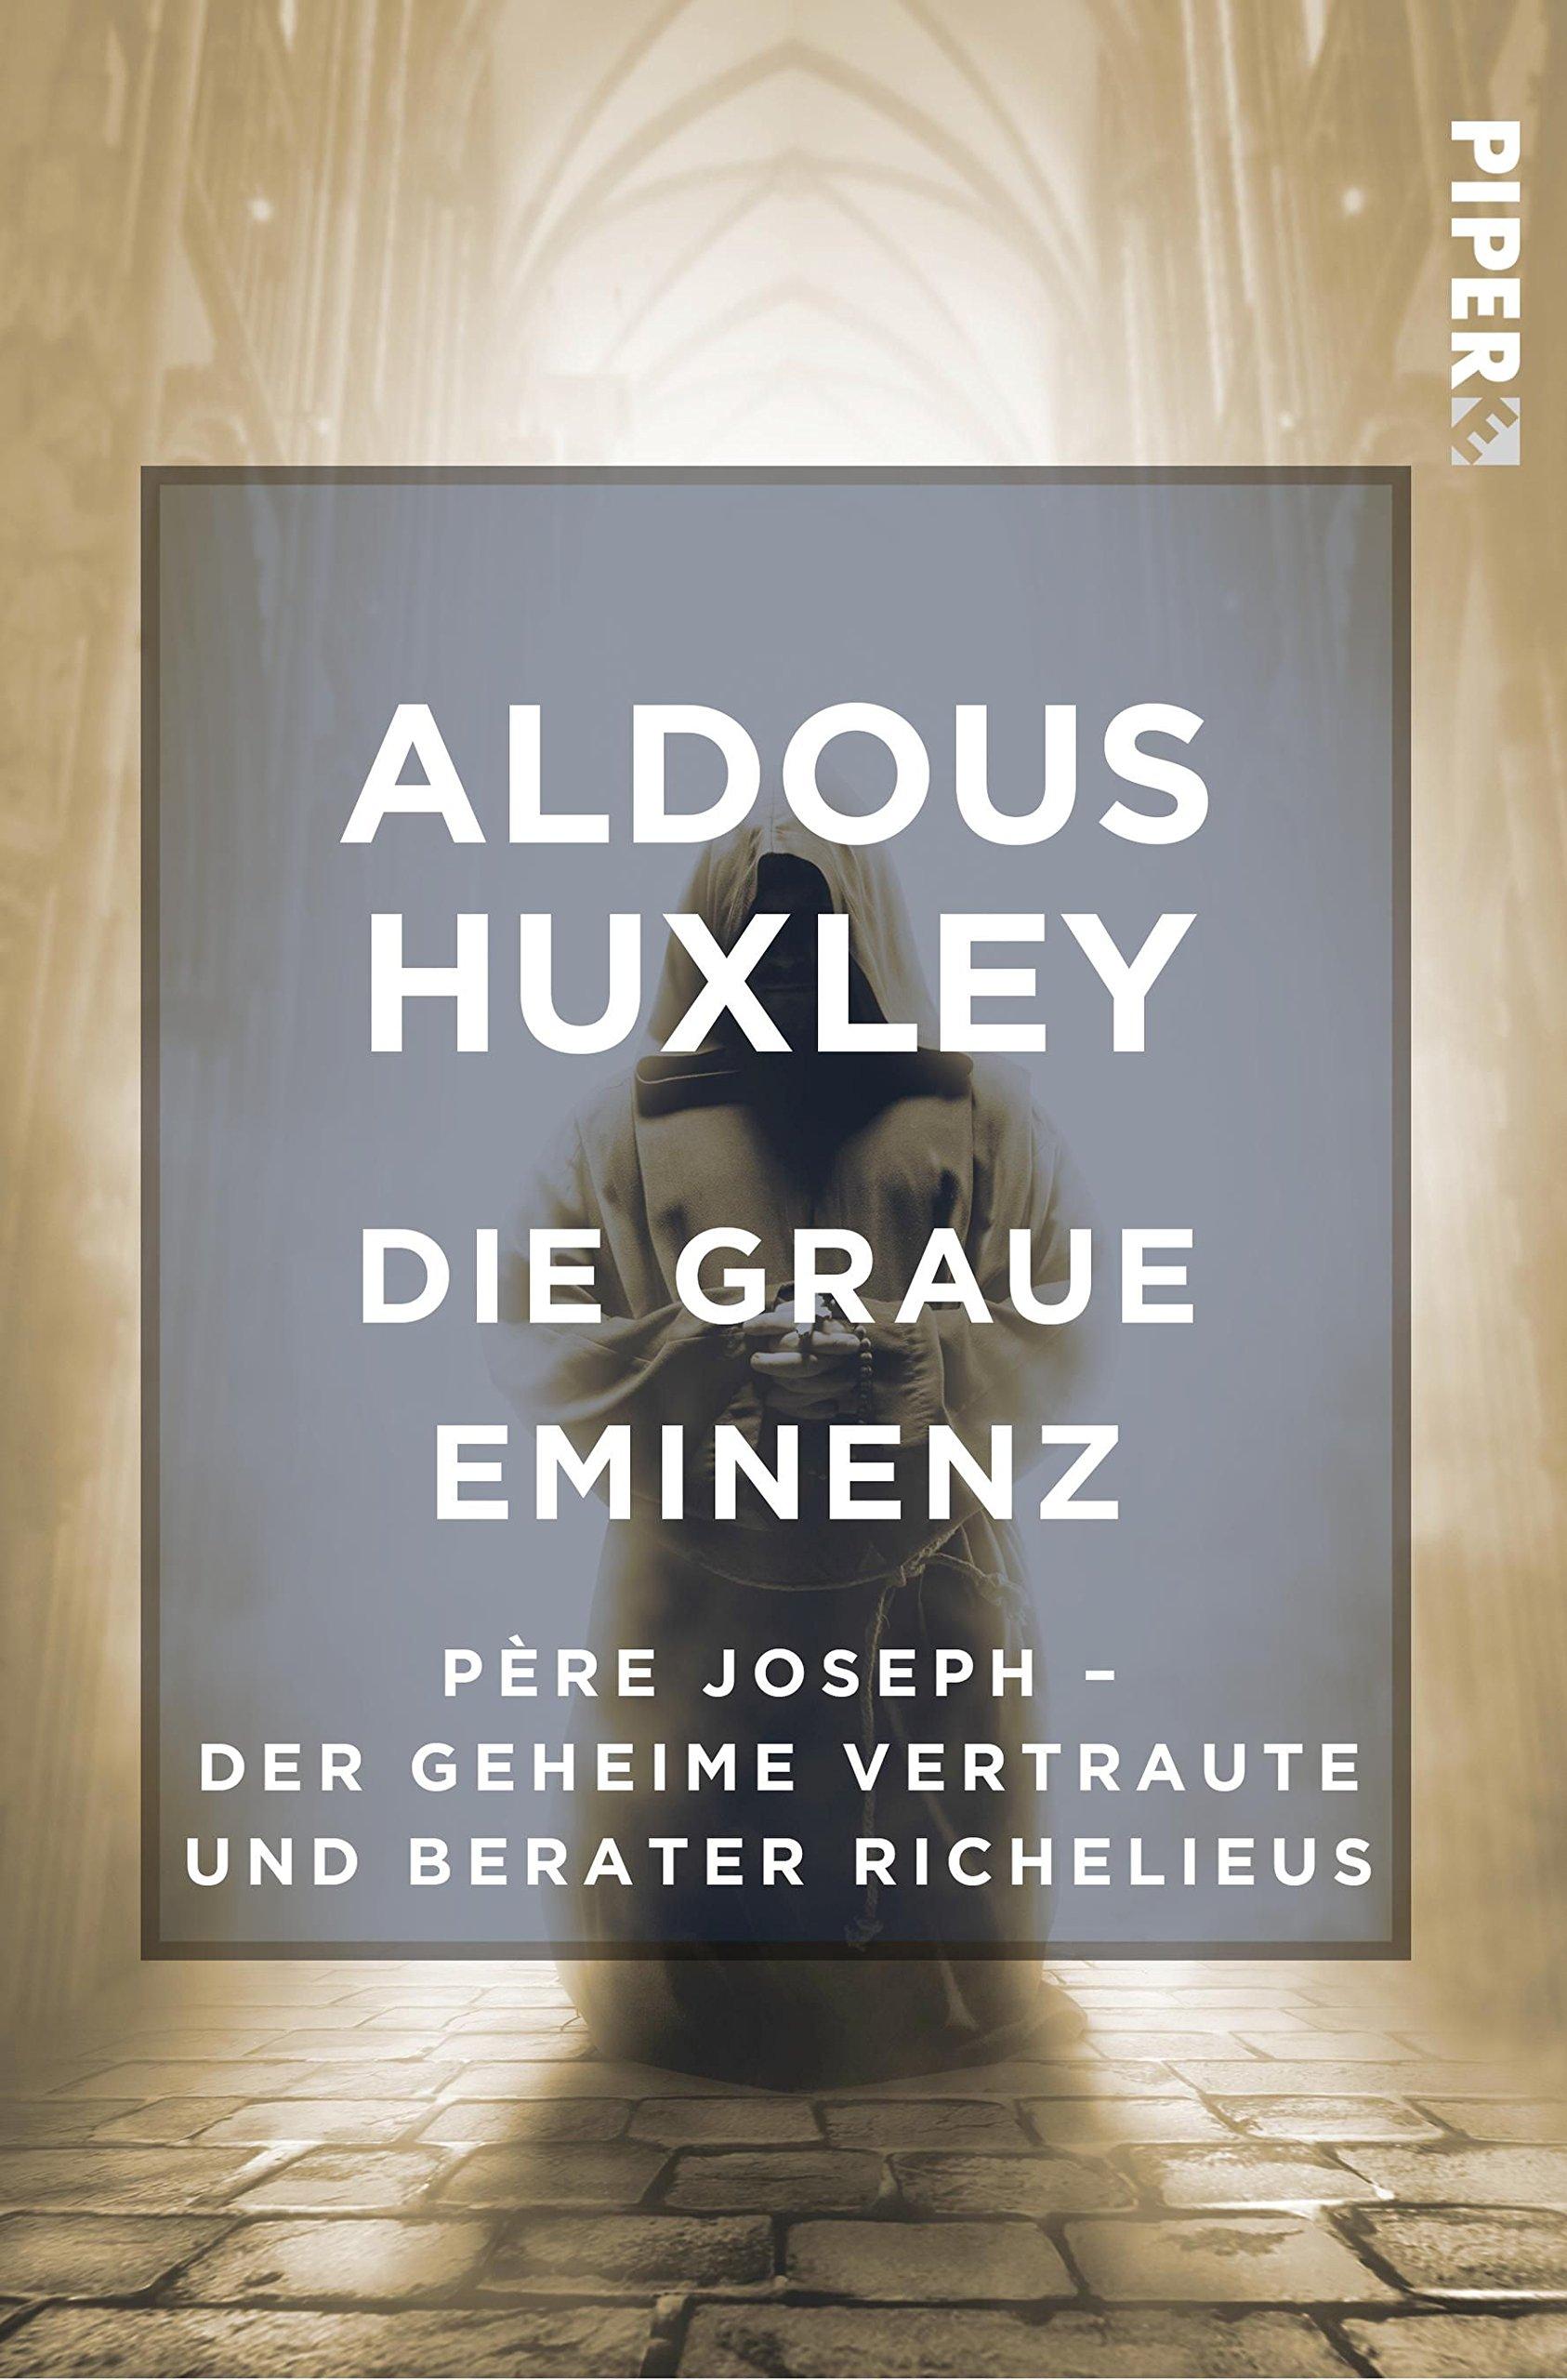 Die Graue Eminenz: Père Joseph - Der geheime Vertraute und Berater Richelieus Taschenbuch – 15. Dezember 2017 Aldous Huxley Herberth E. Herlitschka Piper Edition 3492501087